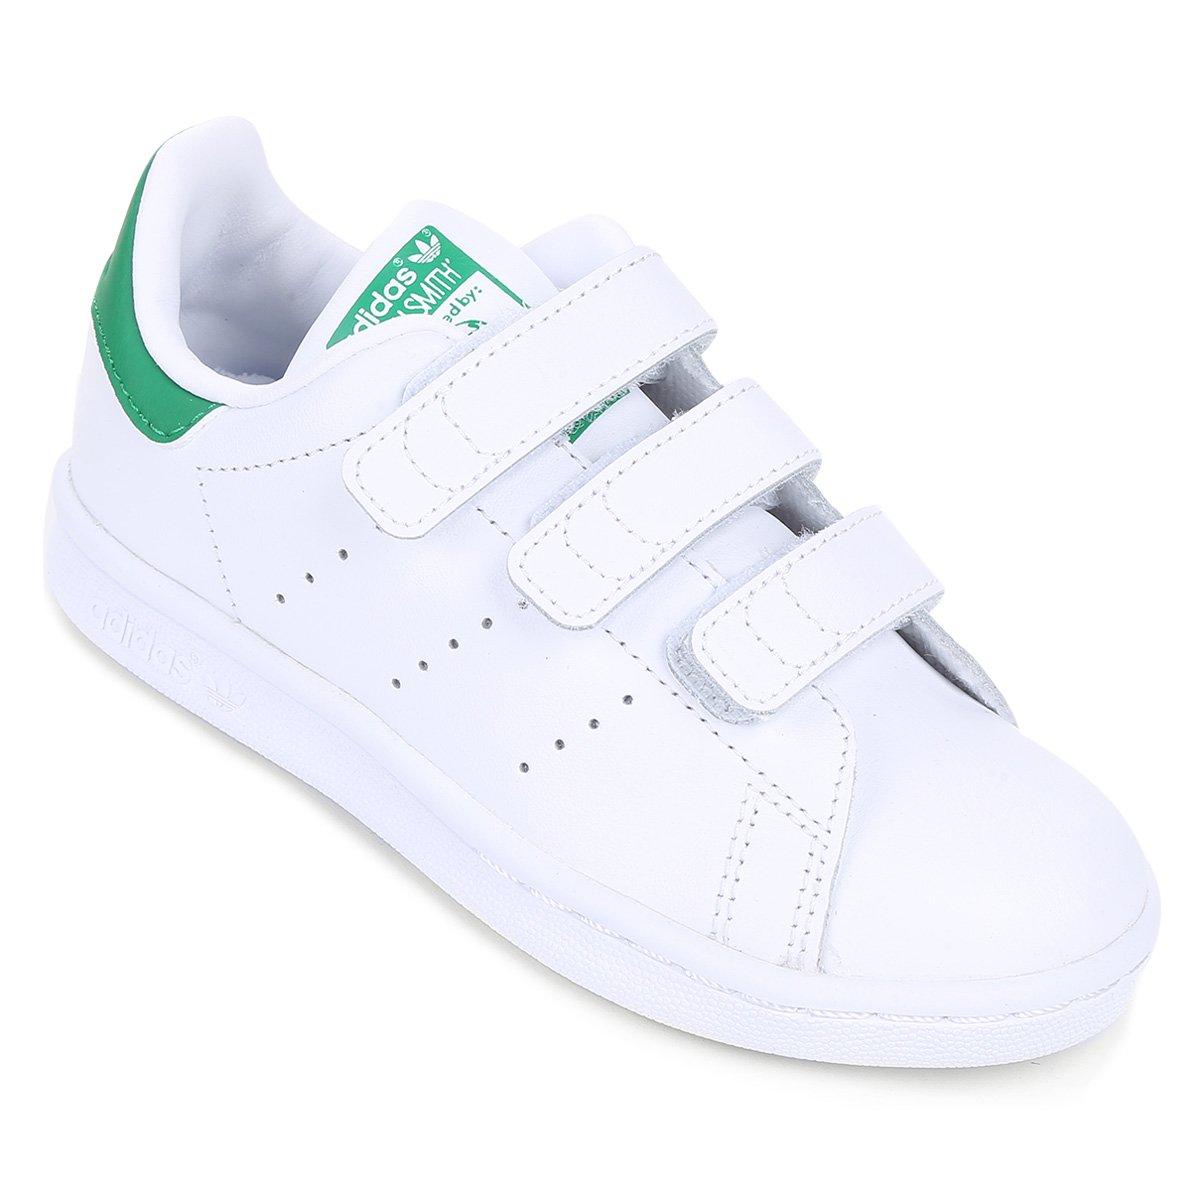 030d0858a76a Tênis Adidas Stan Smith Cf C - Compre Agora